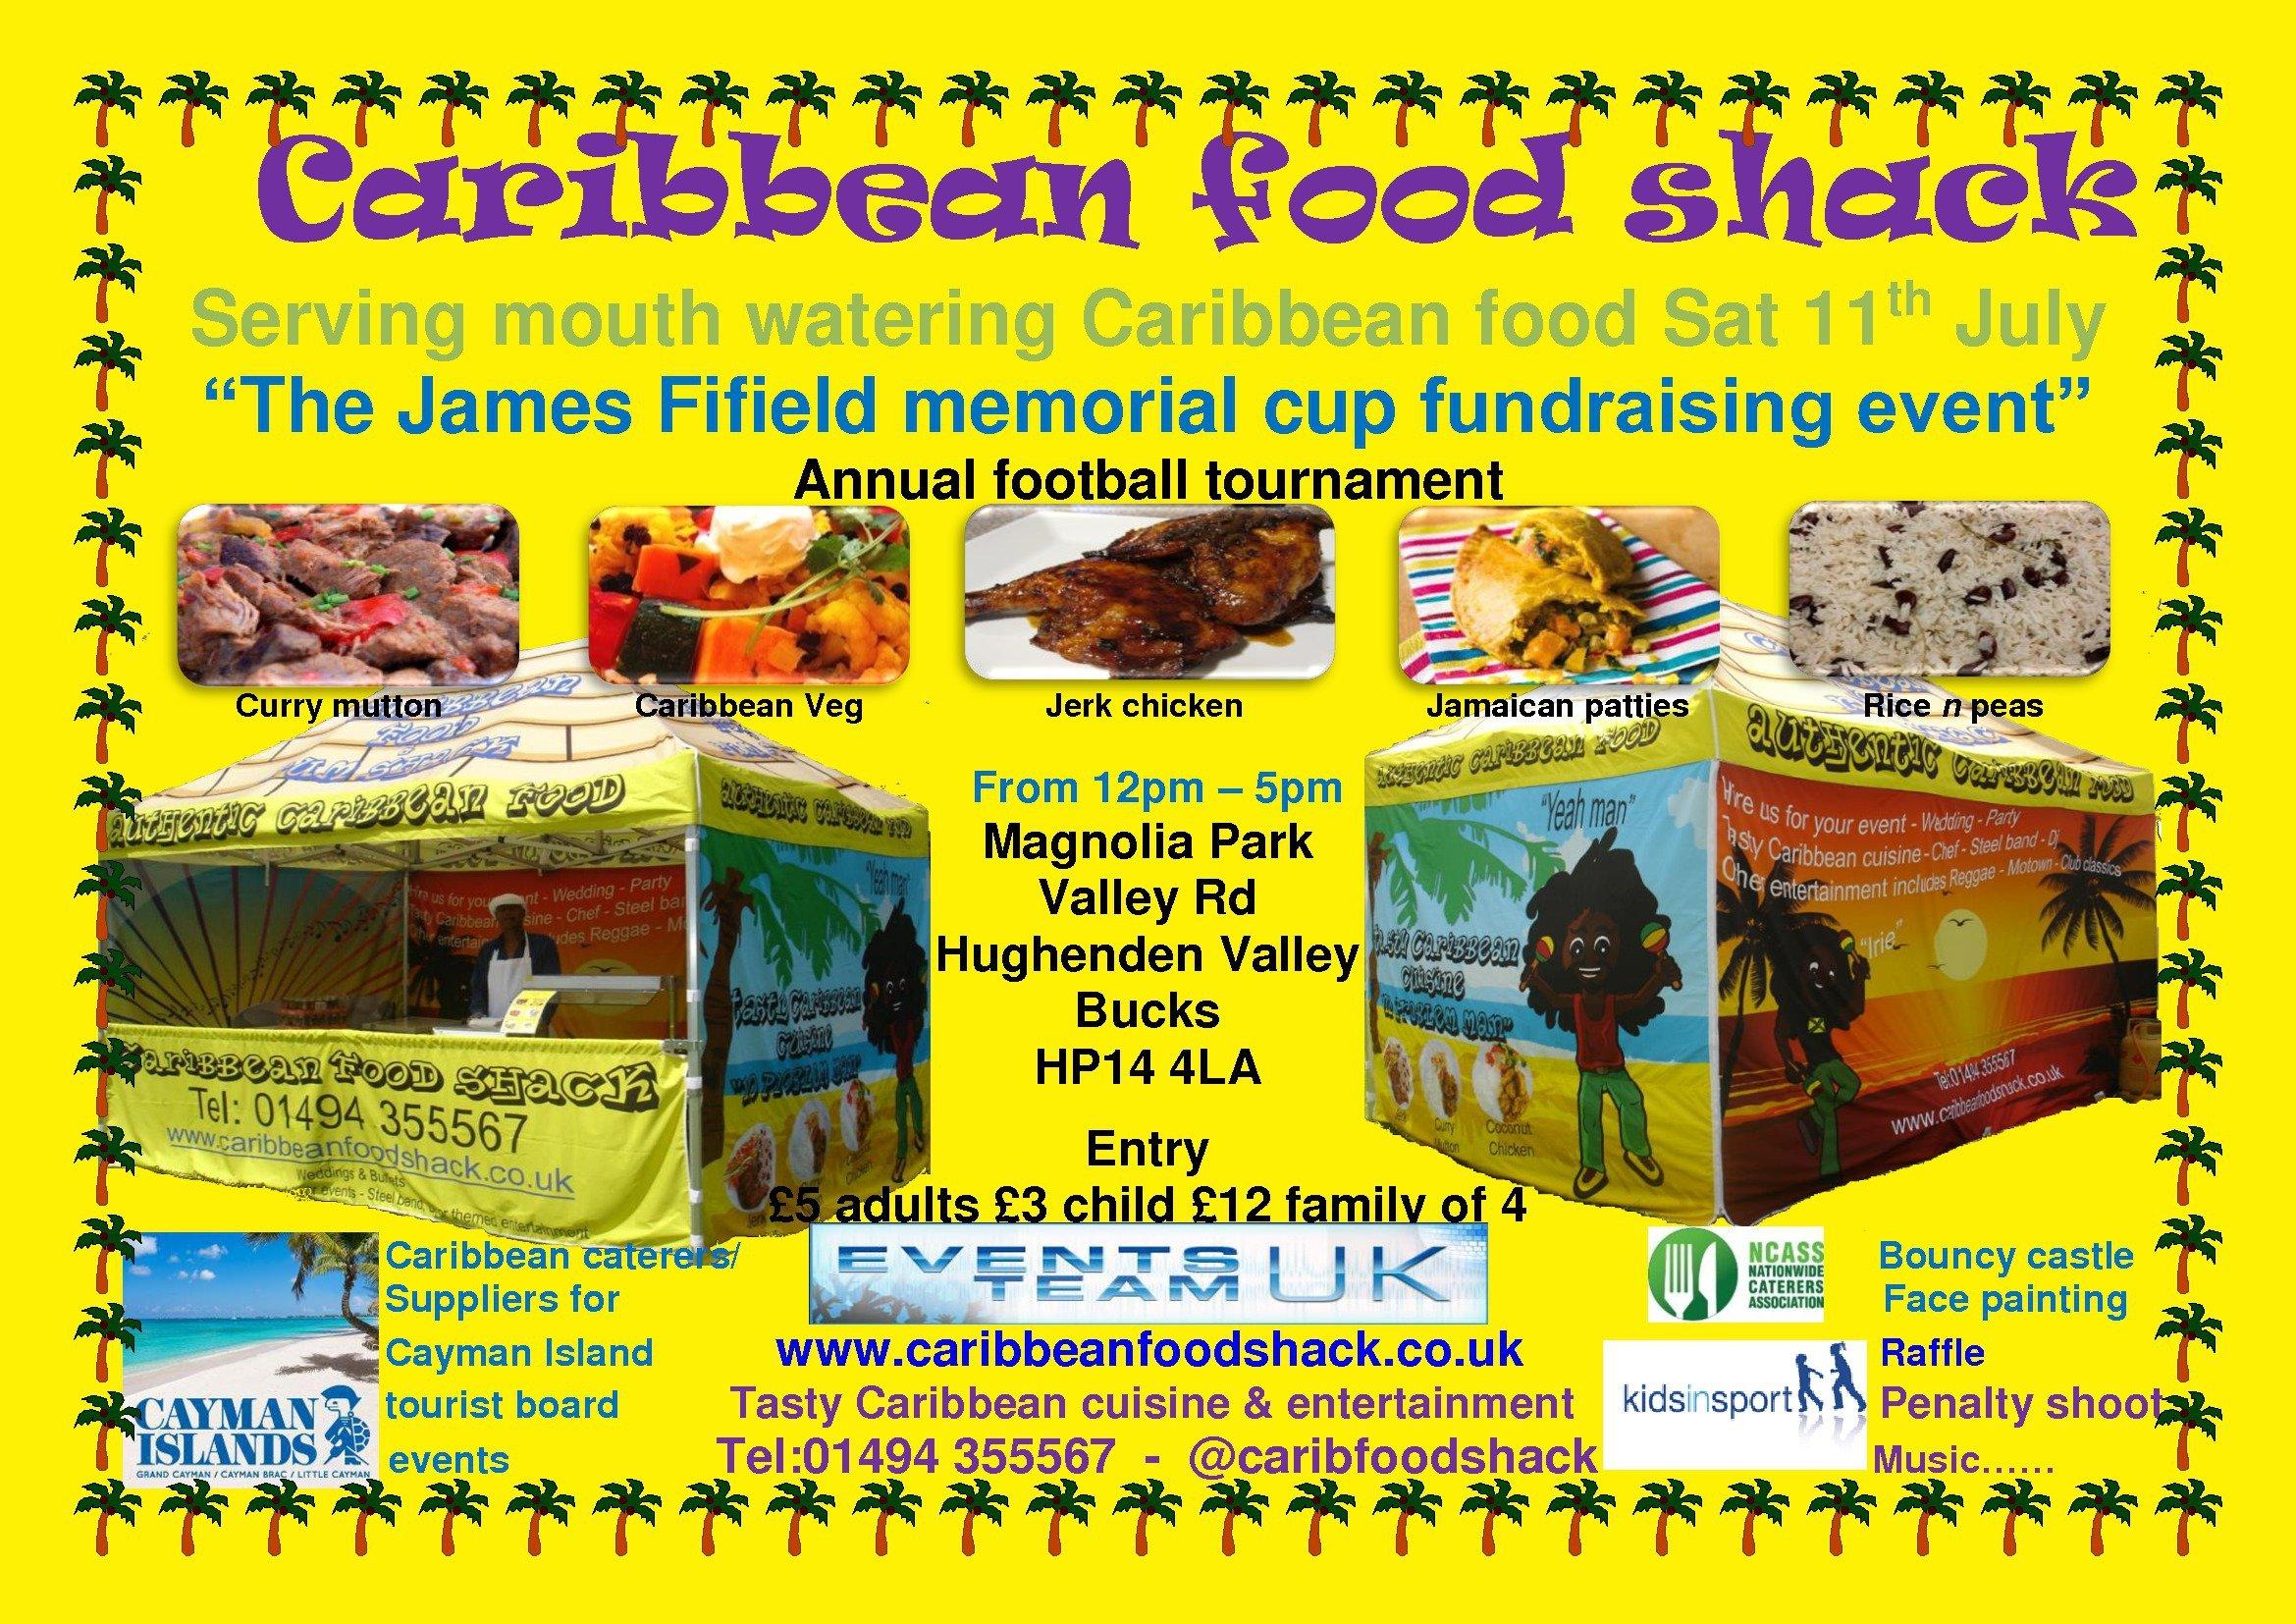 james fifield memorial event